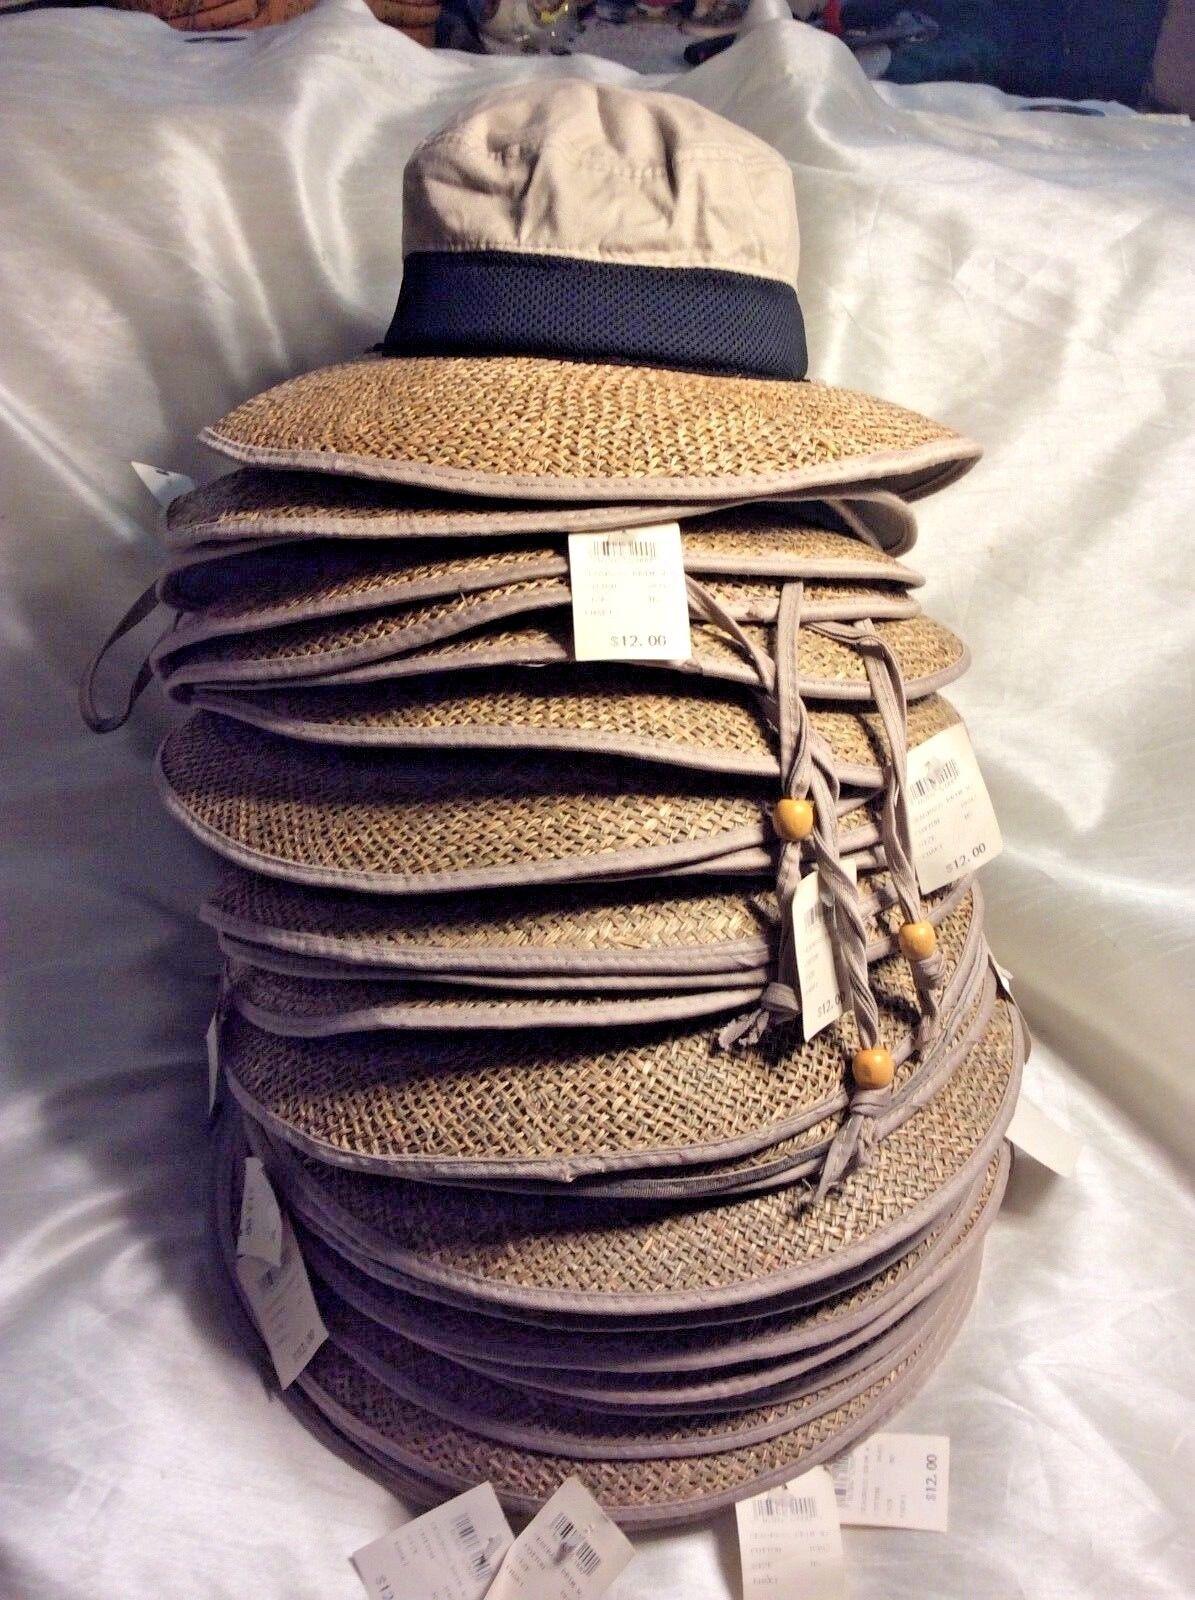 28 braun clair Camping Chapeaux Goutte Papillon Naturel en jonc de mer 100% Coton Original  12 neuf avec étiquette